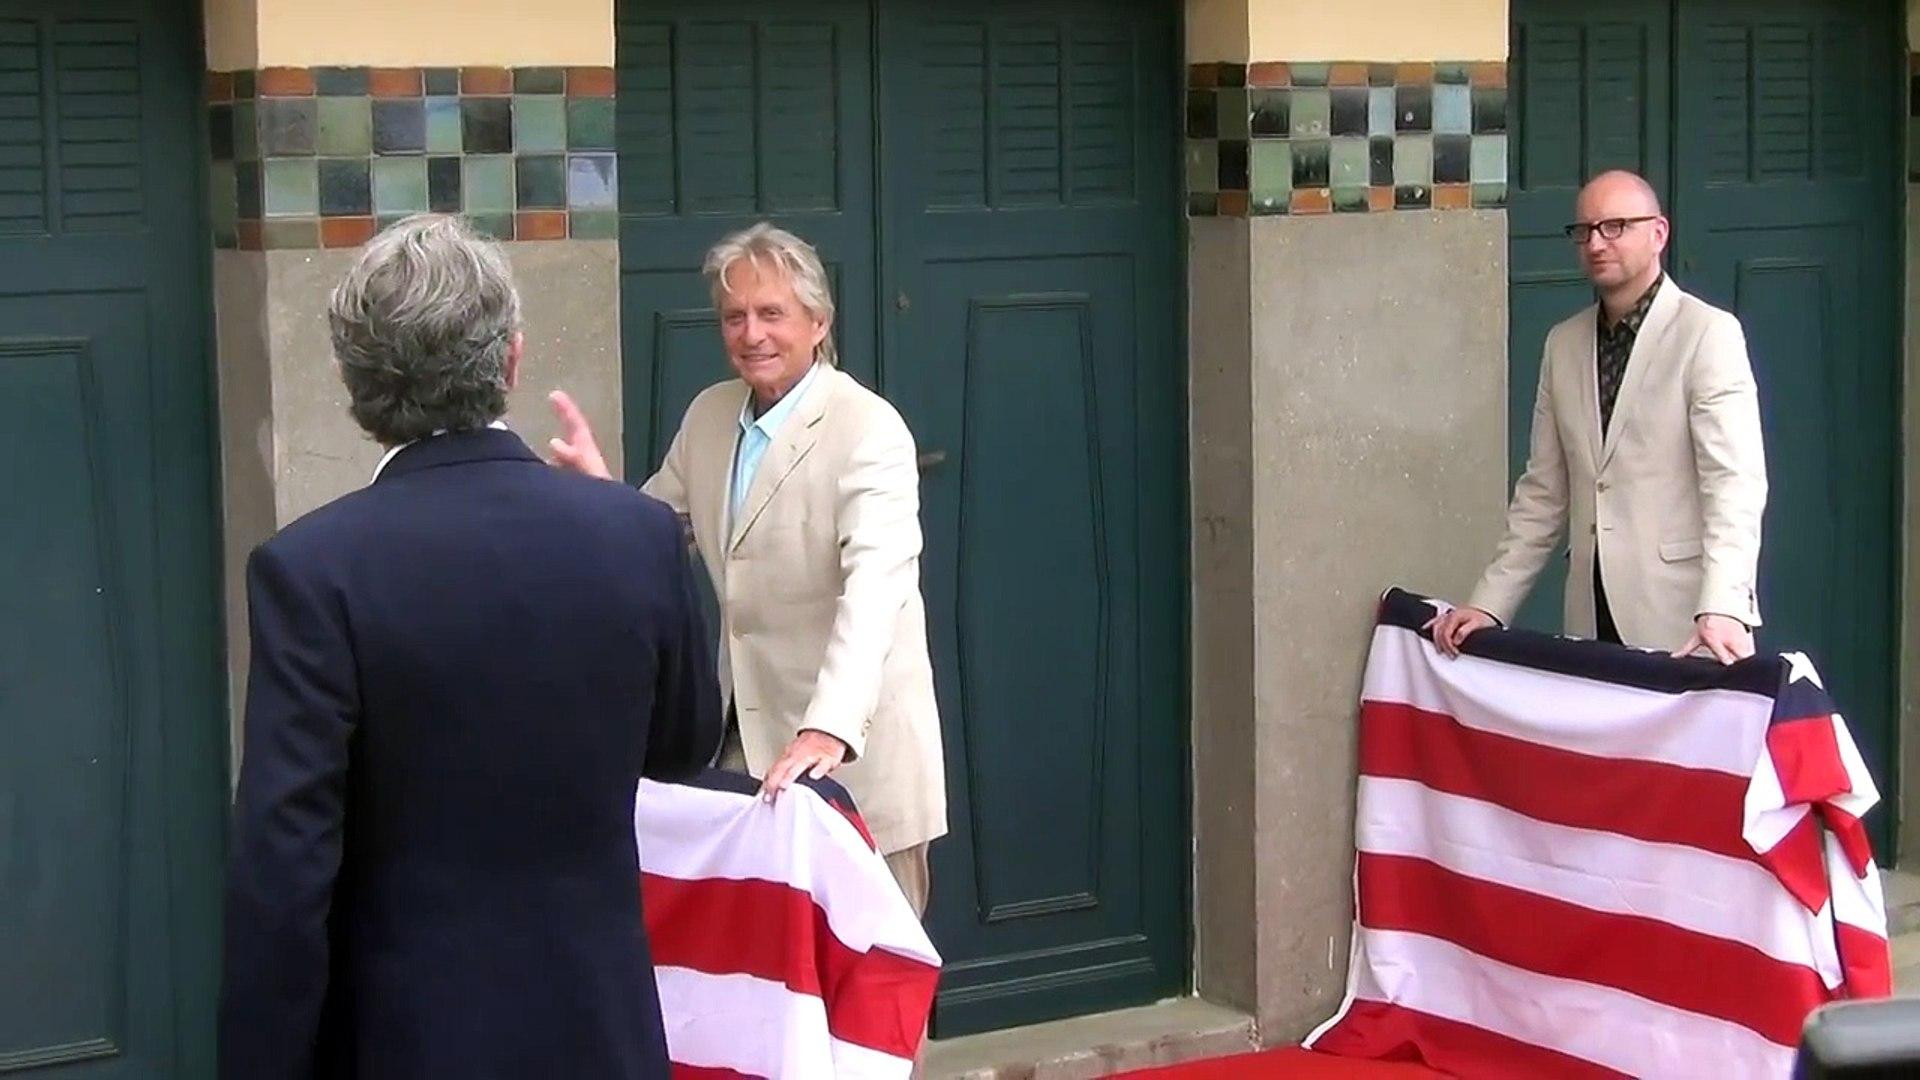 Michael Douglas & Steven Soderberg - Planches de Deauville 2013